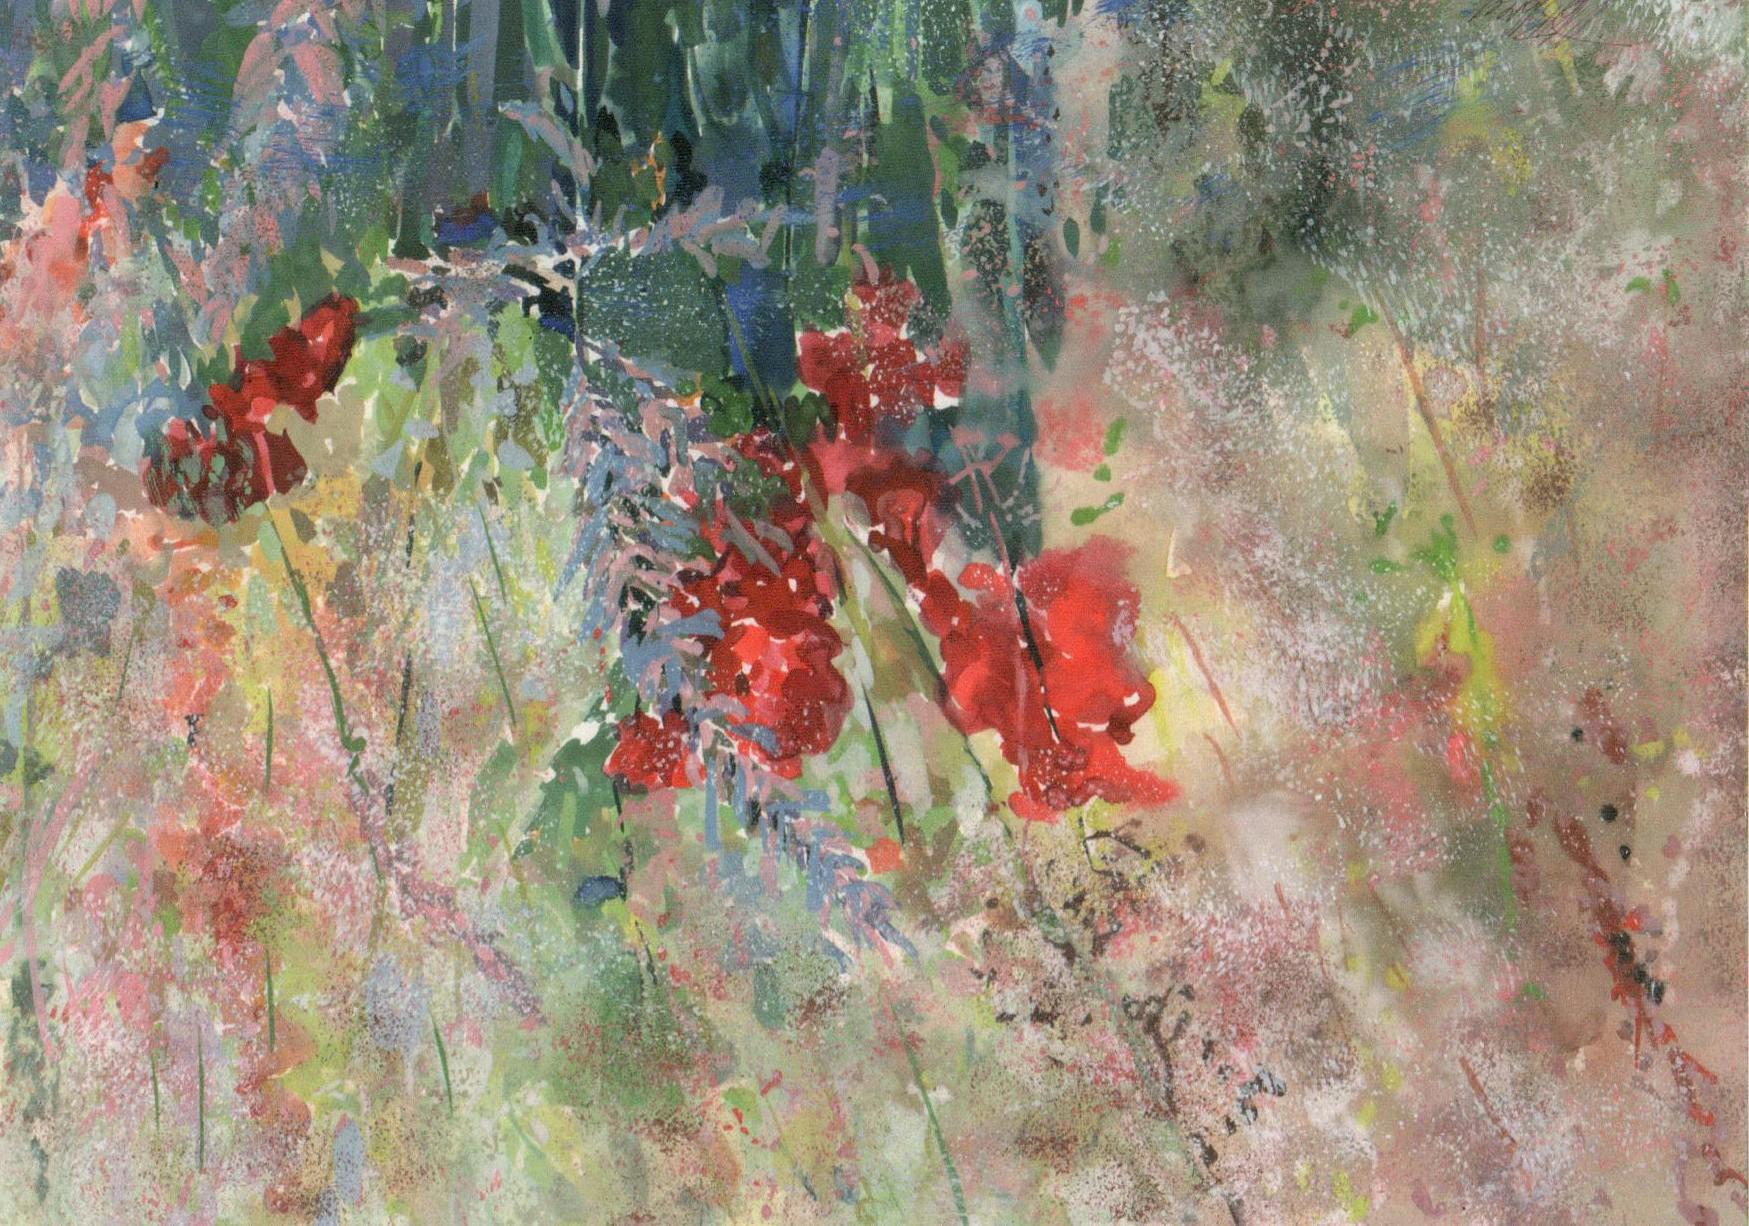 Rosemary's Garden © Dee Mackenzie